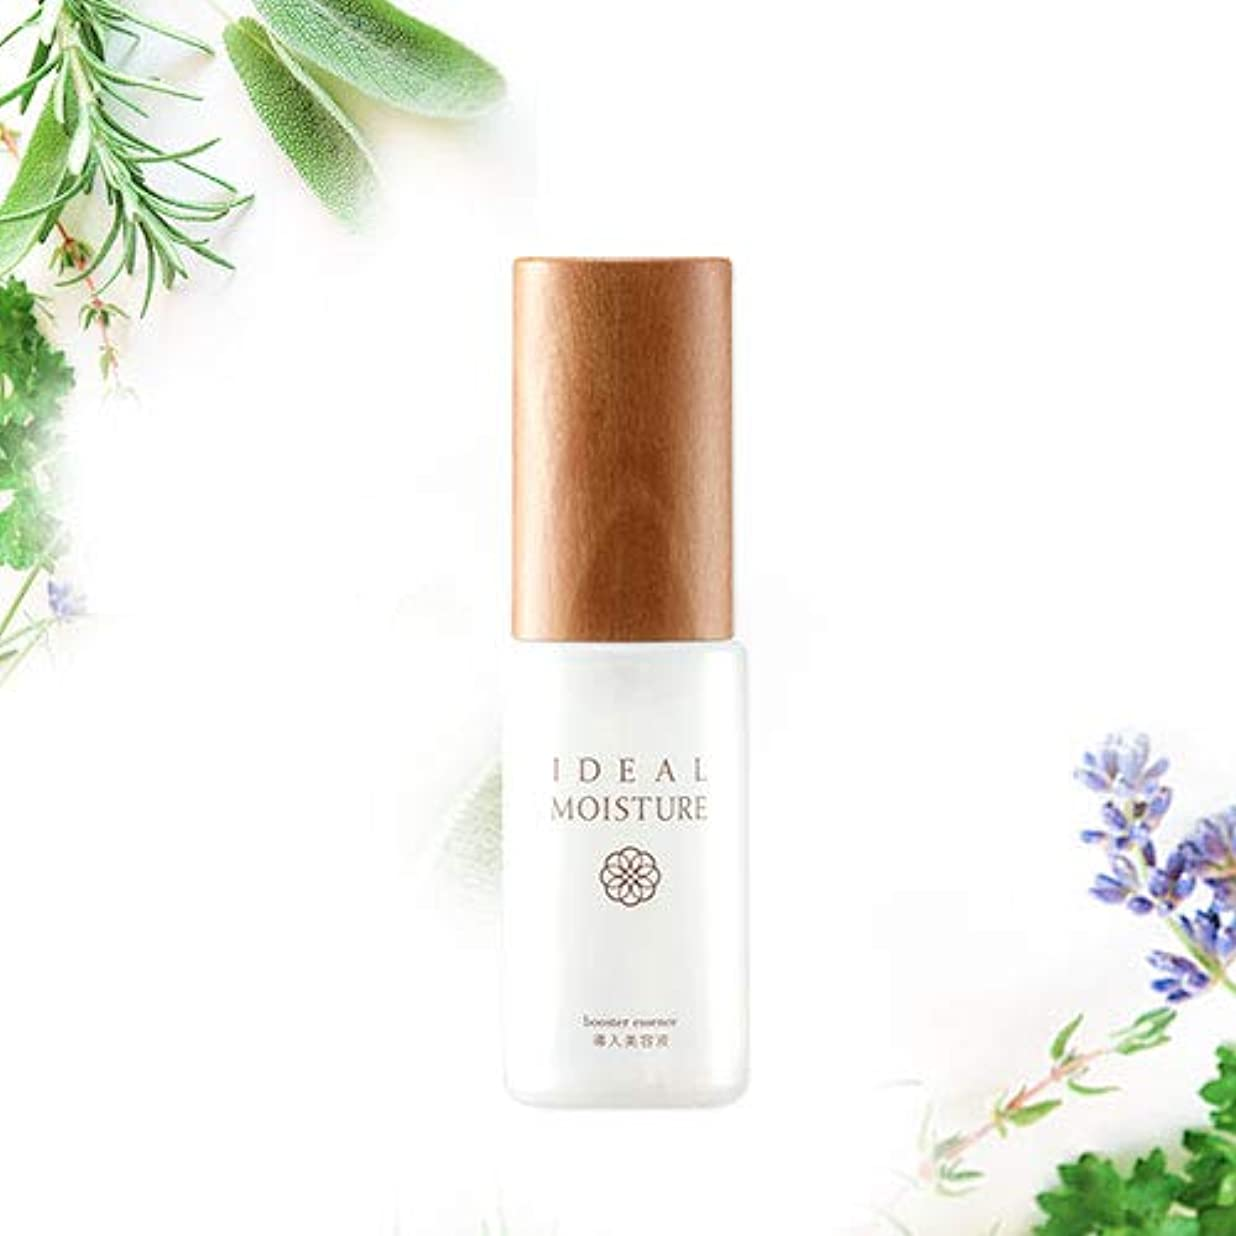 添加取得するフォルダIDEAL MOISTURE(イデアルモイスチャー) 導入美容液